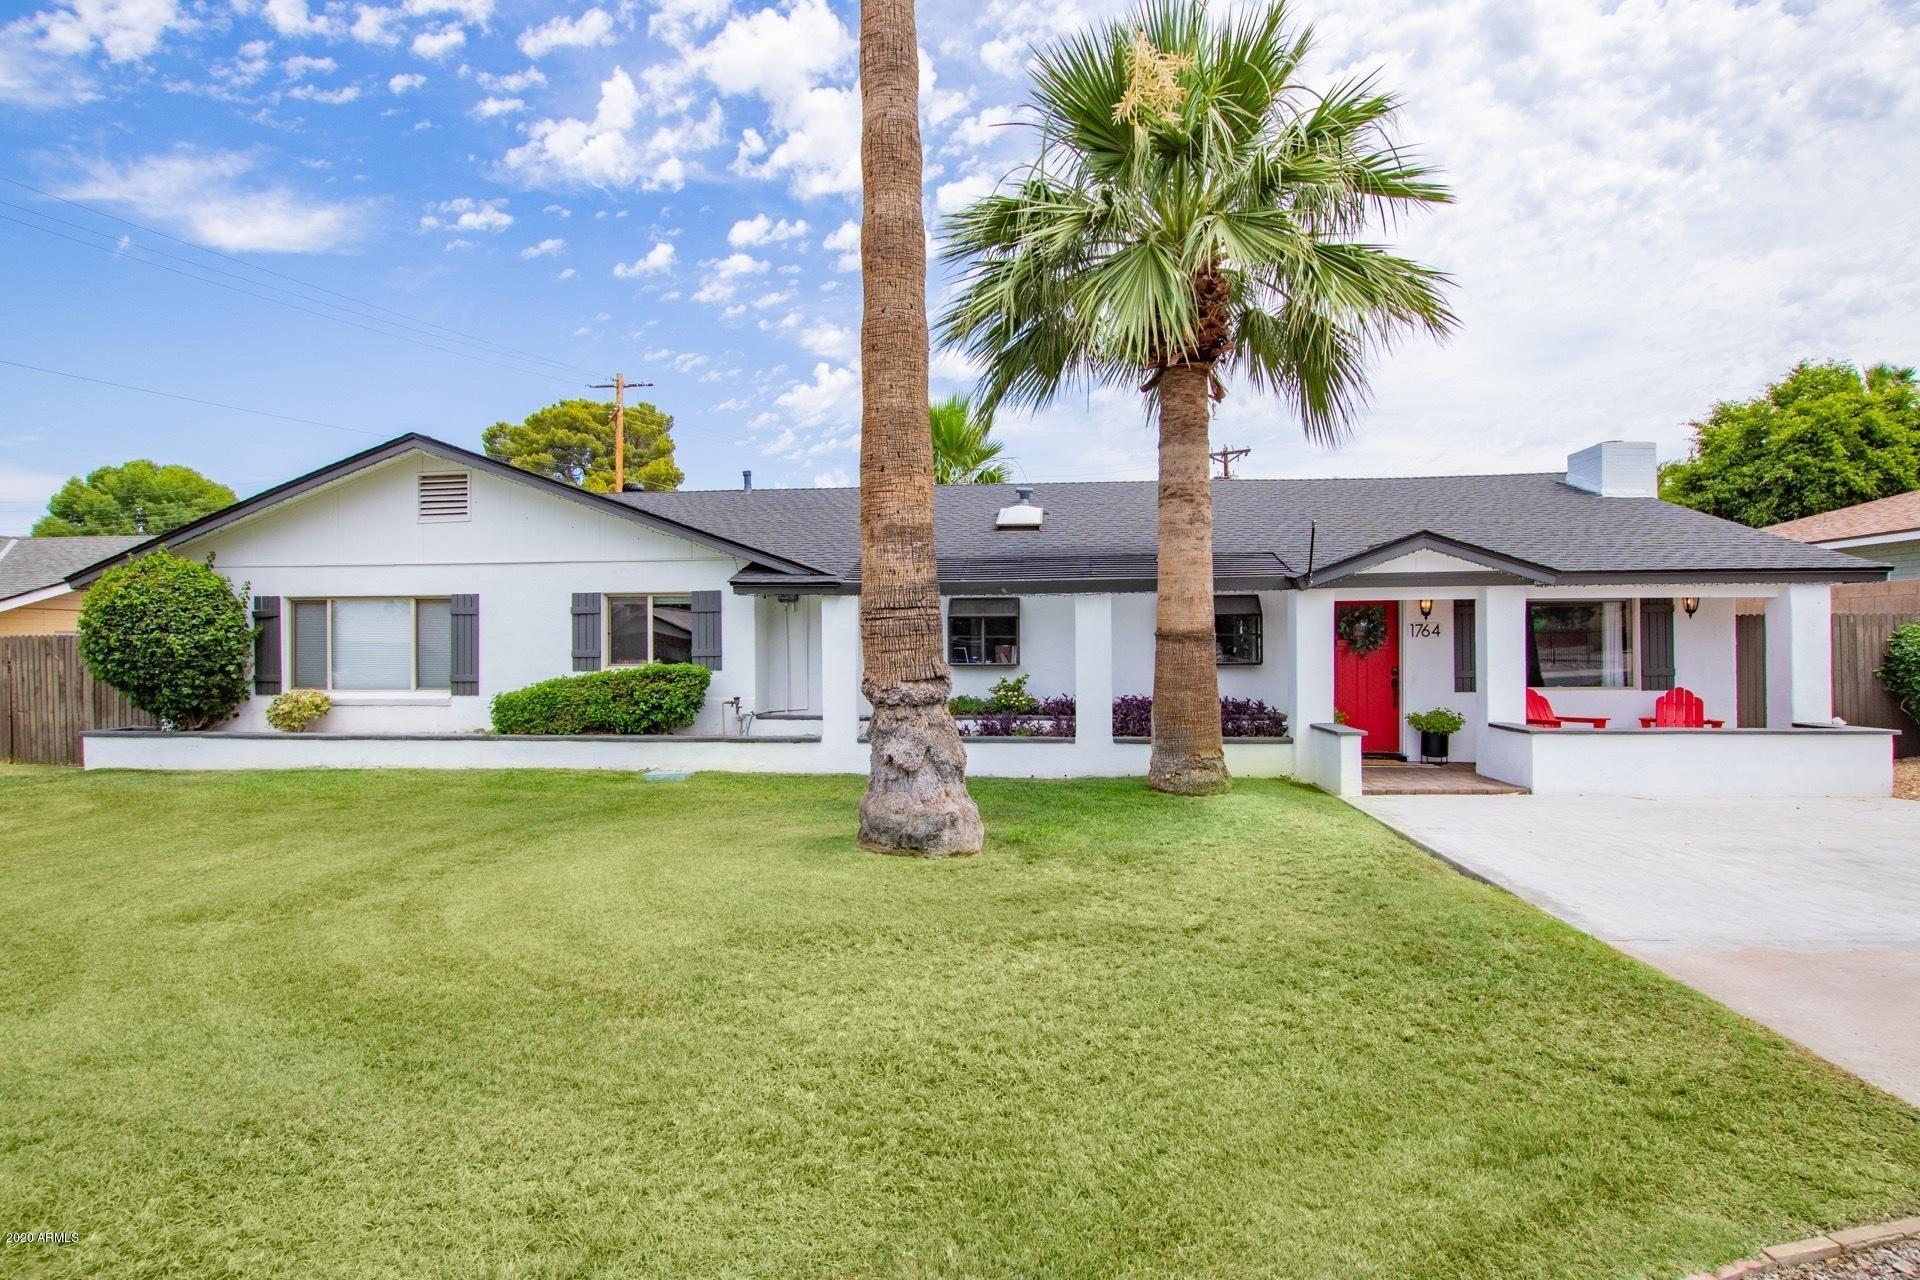 1764 E TUCKEY Lane, Phoenix, AZ 85016 - MLS#: 6088267